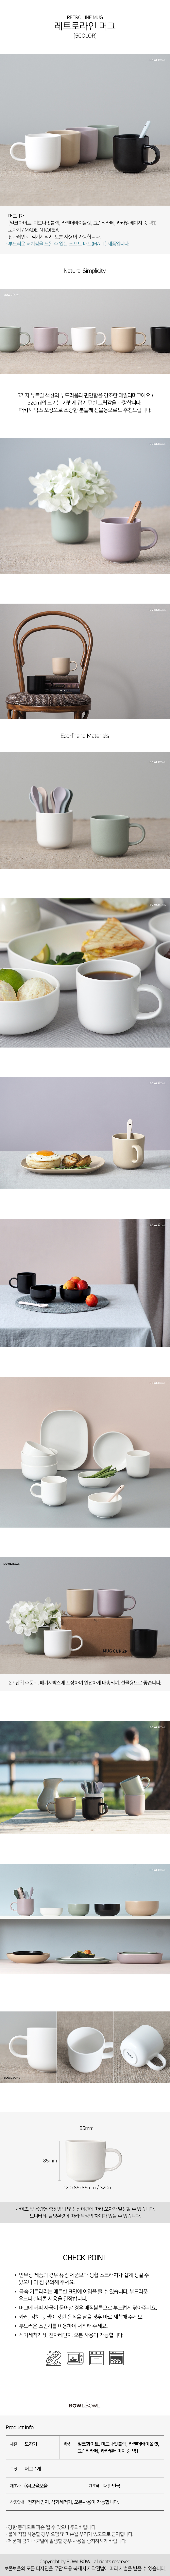 레트로라인 머그(5color) - 보울보울, 7,500원, 머그컵, 심플머그